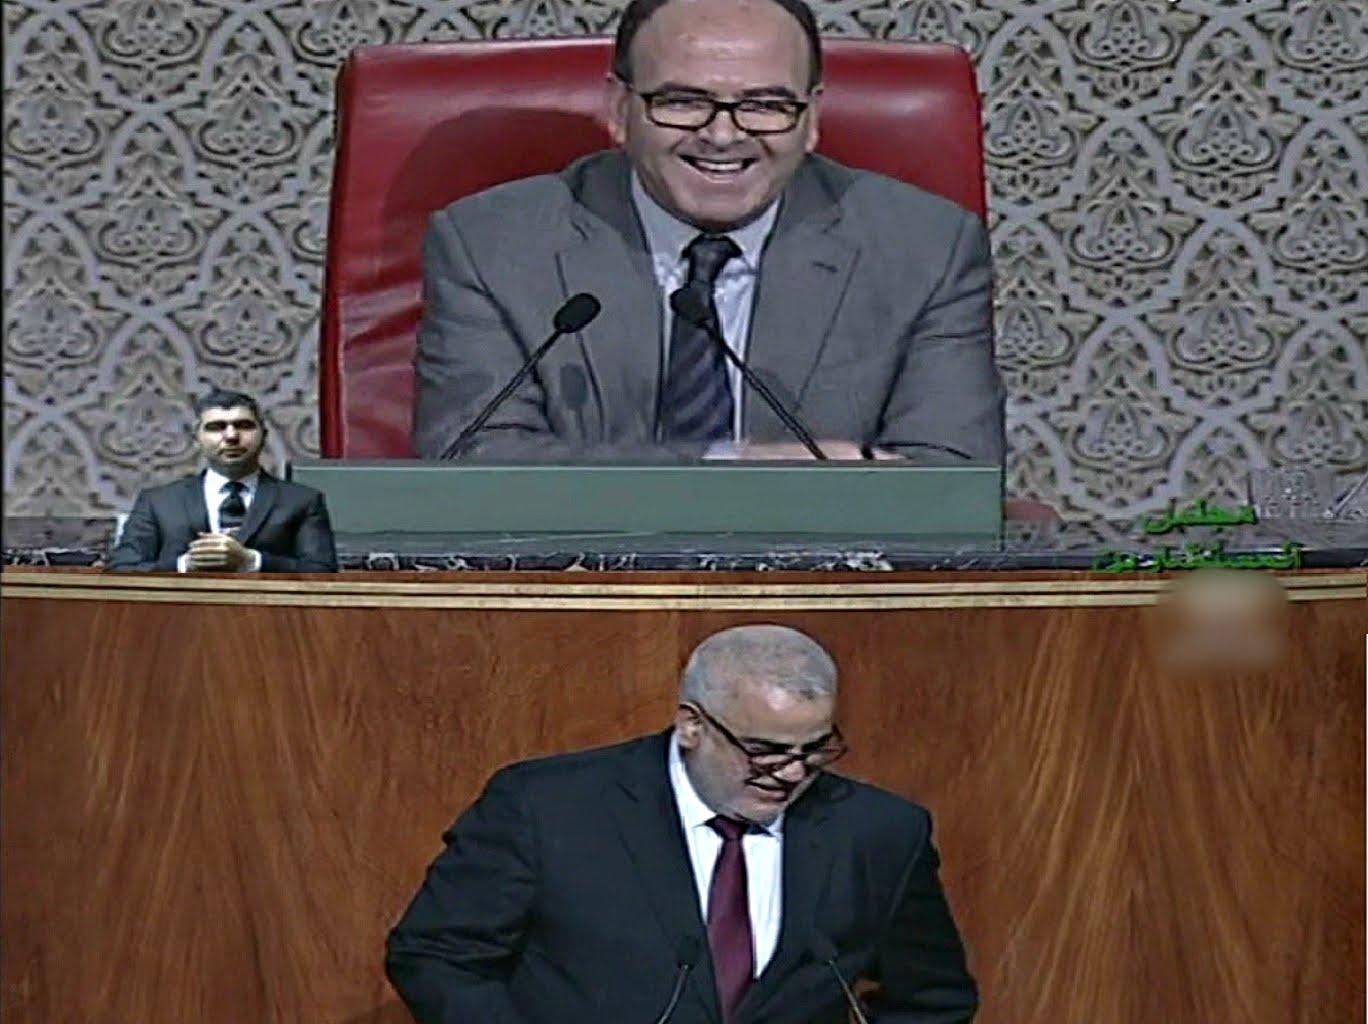 بنكيران لـ بنشماس والله يلا دارو مزيان منين طلعوك تما